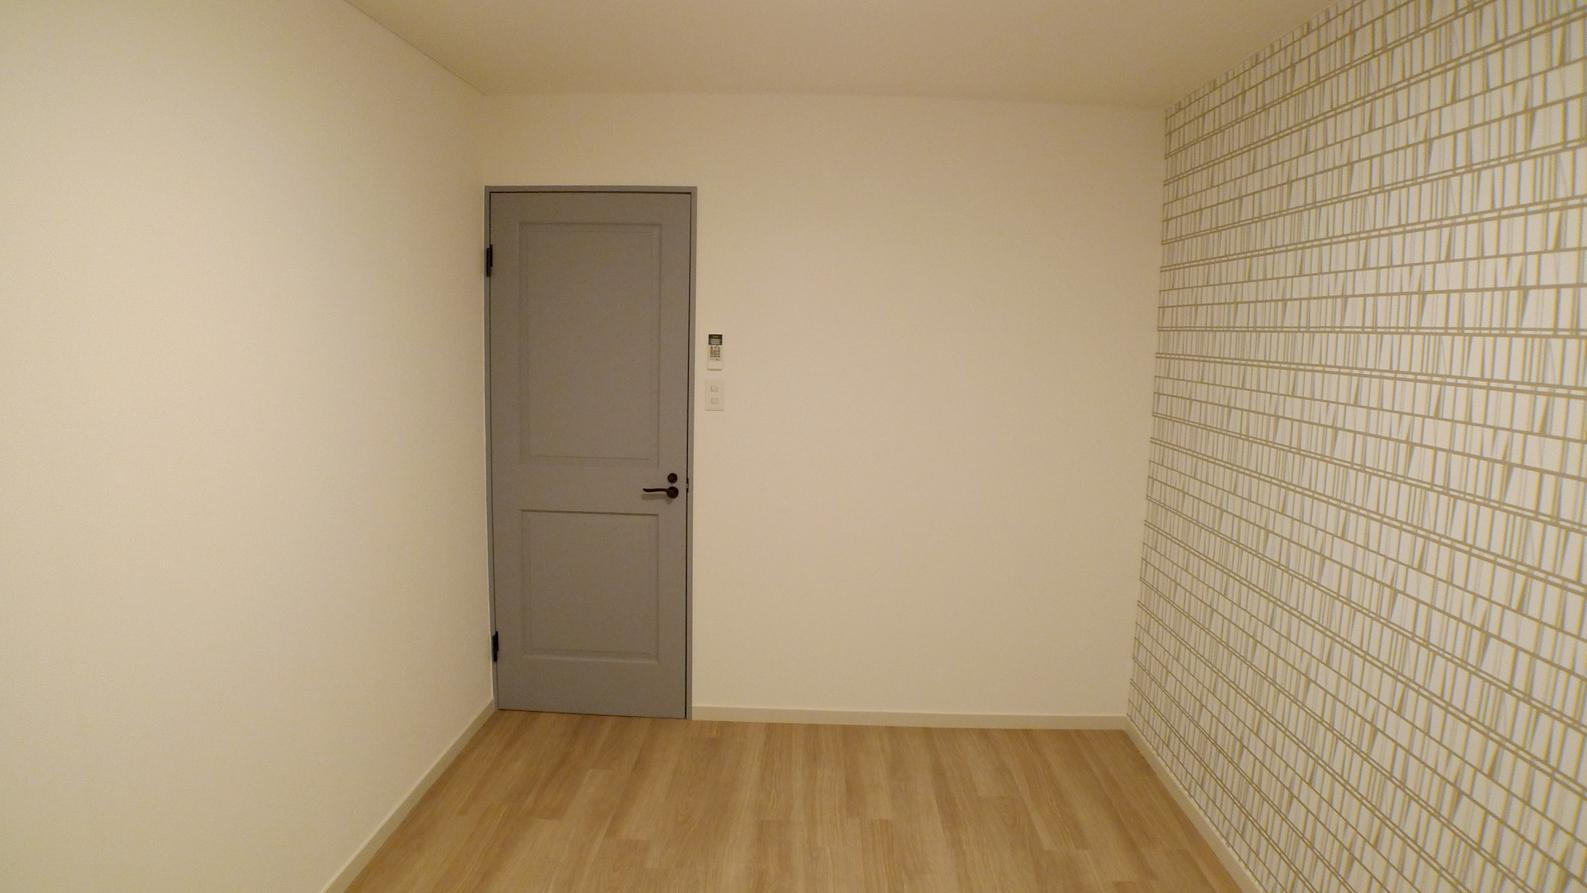 グレーの框ドアがシックでカッコイイ部屋